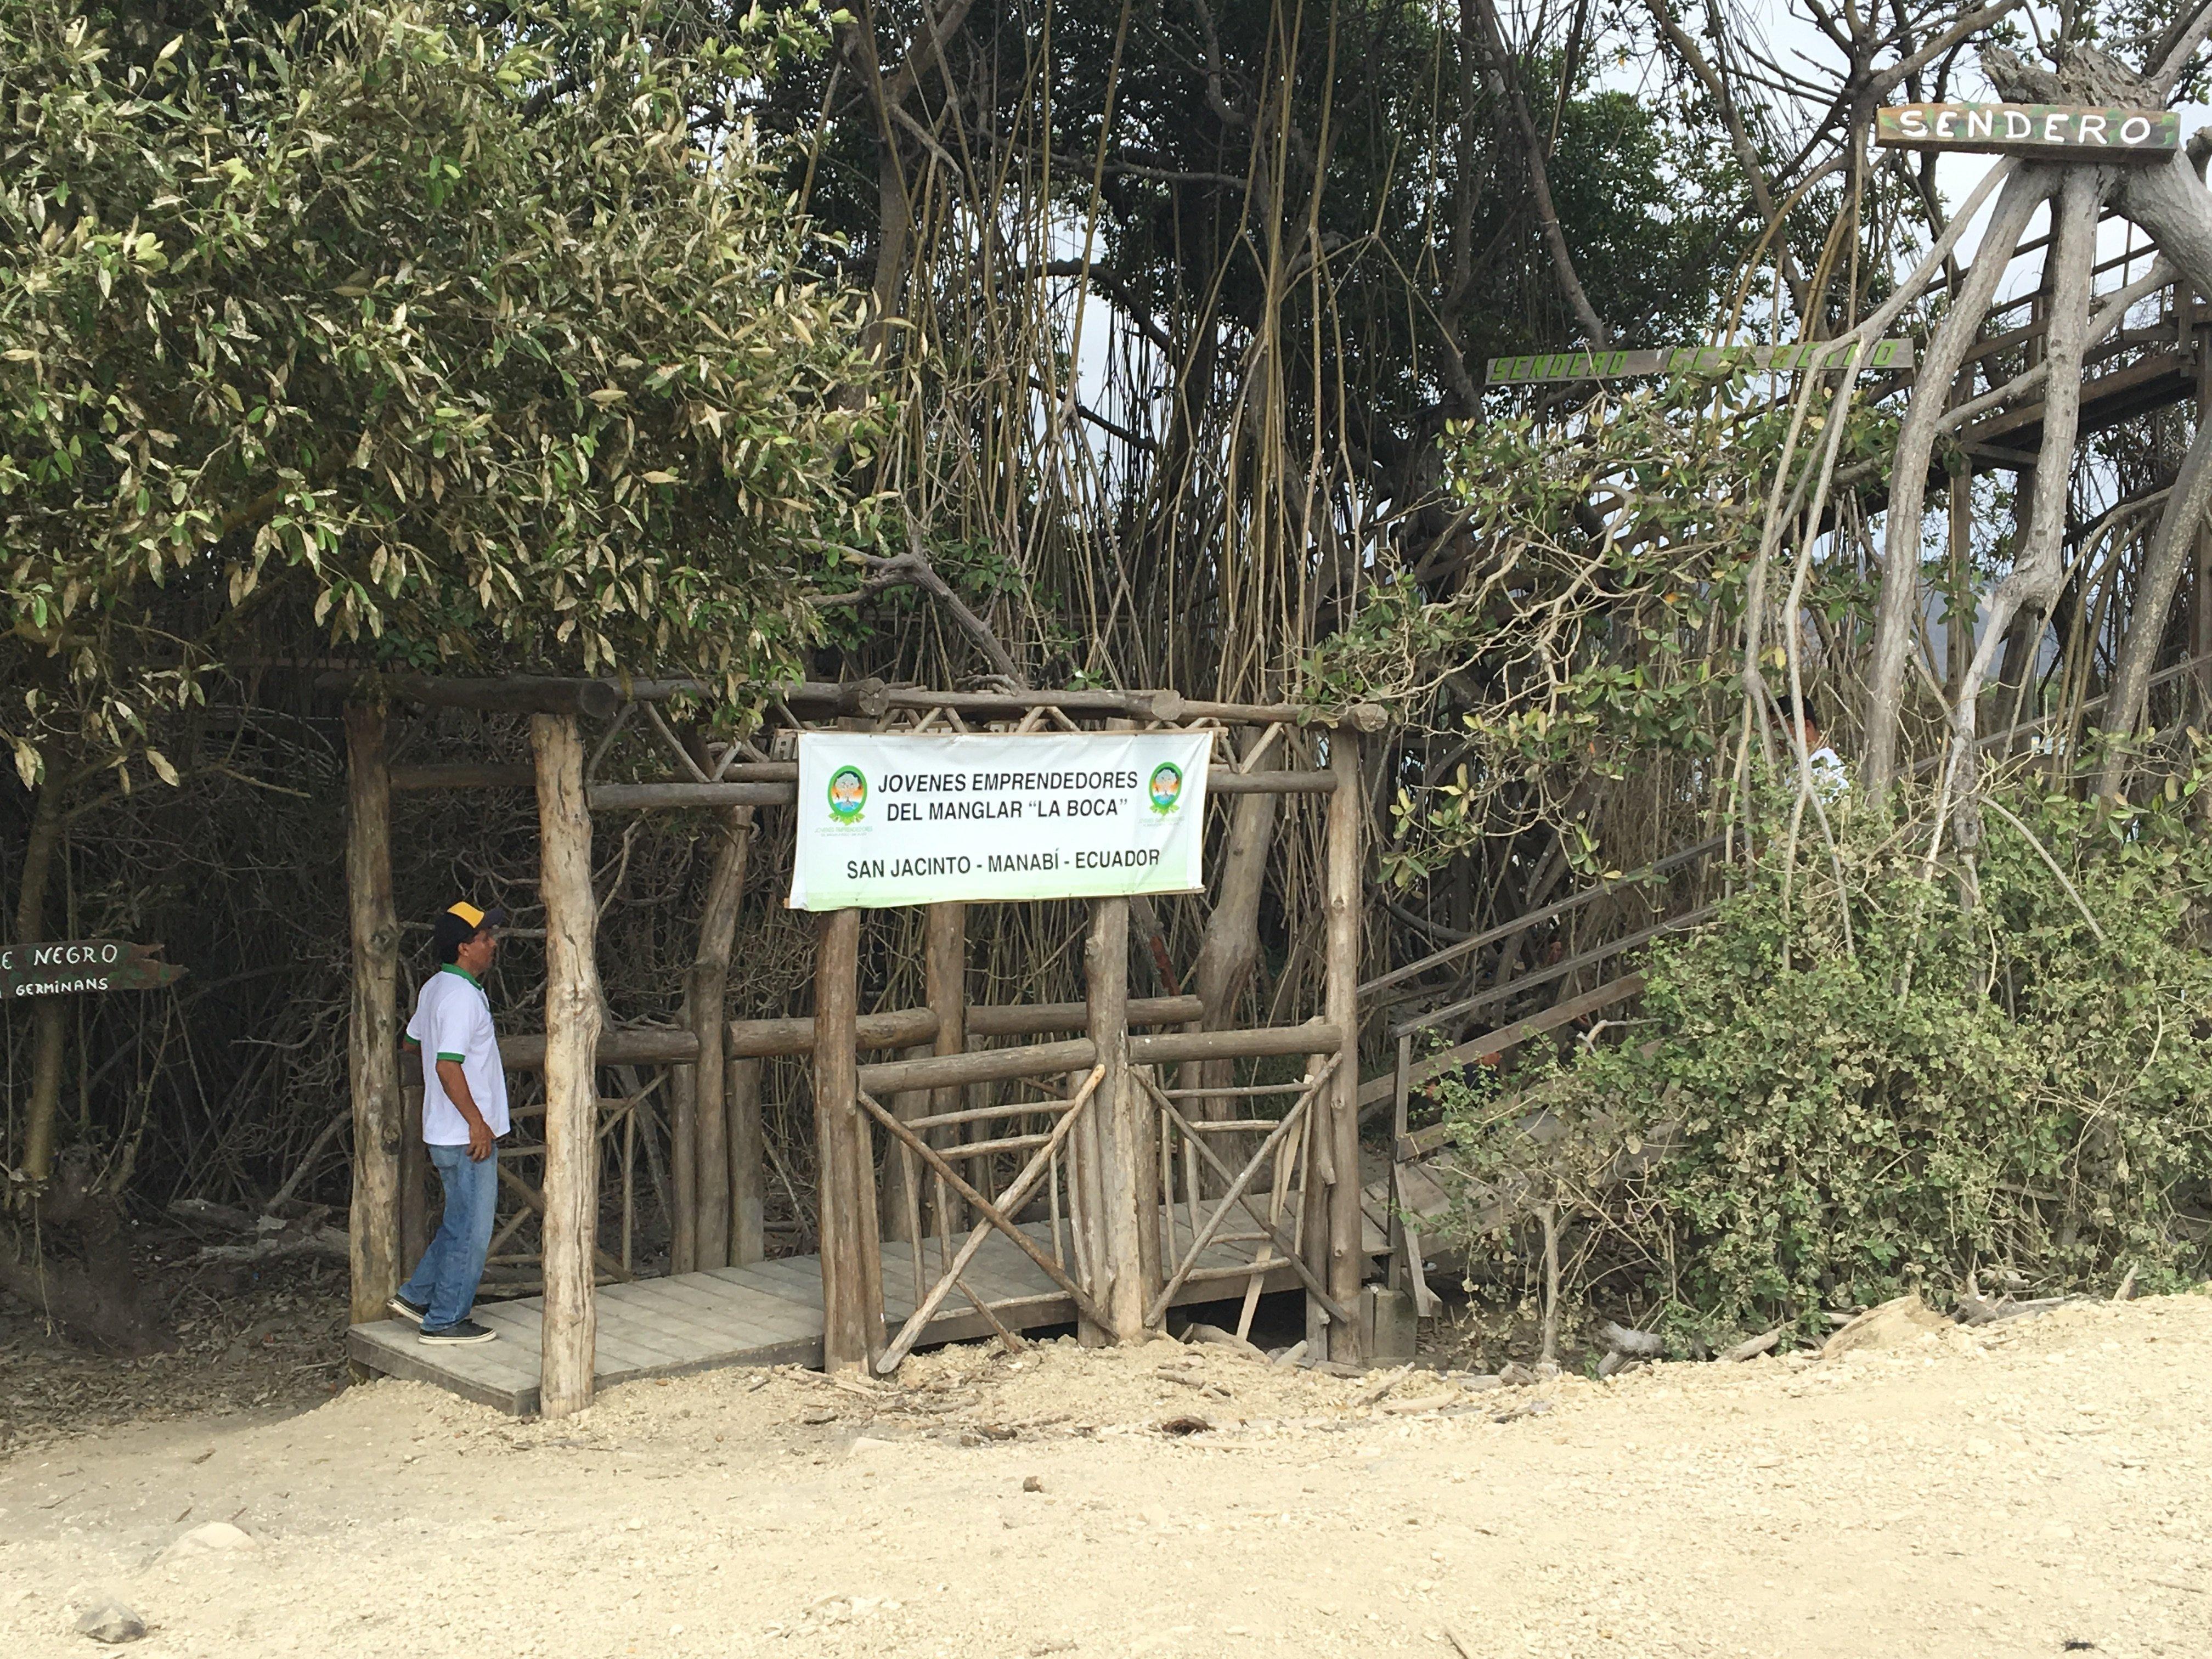 Foto del sendero ecológico desde donde se inicia el recorrido por el manglar La Boca, en Manabí.